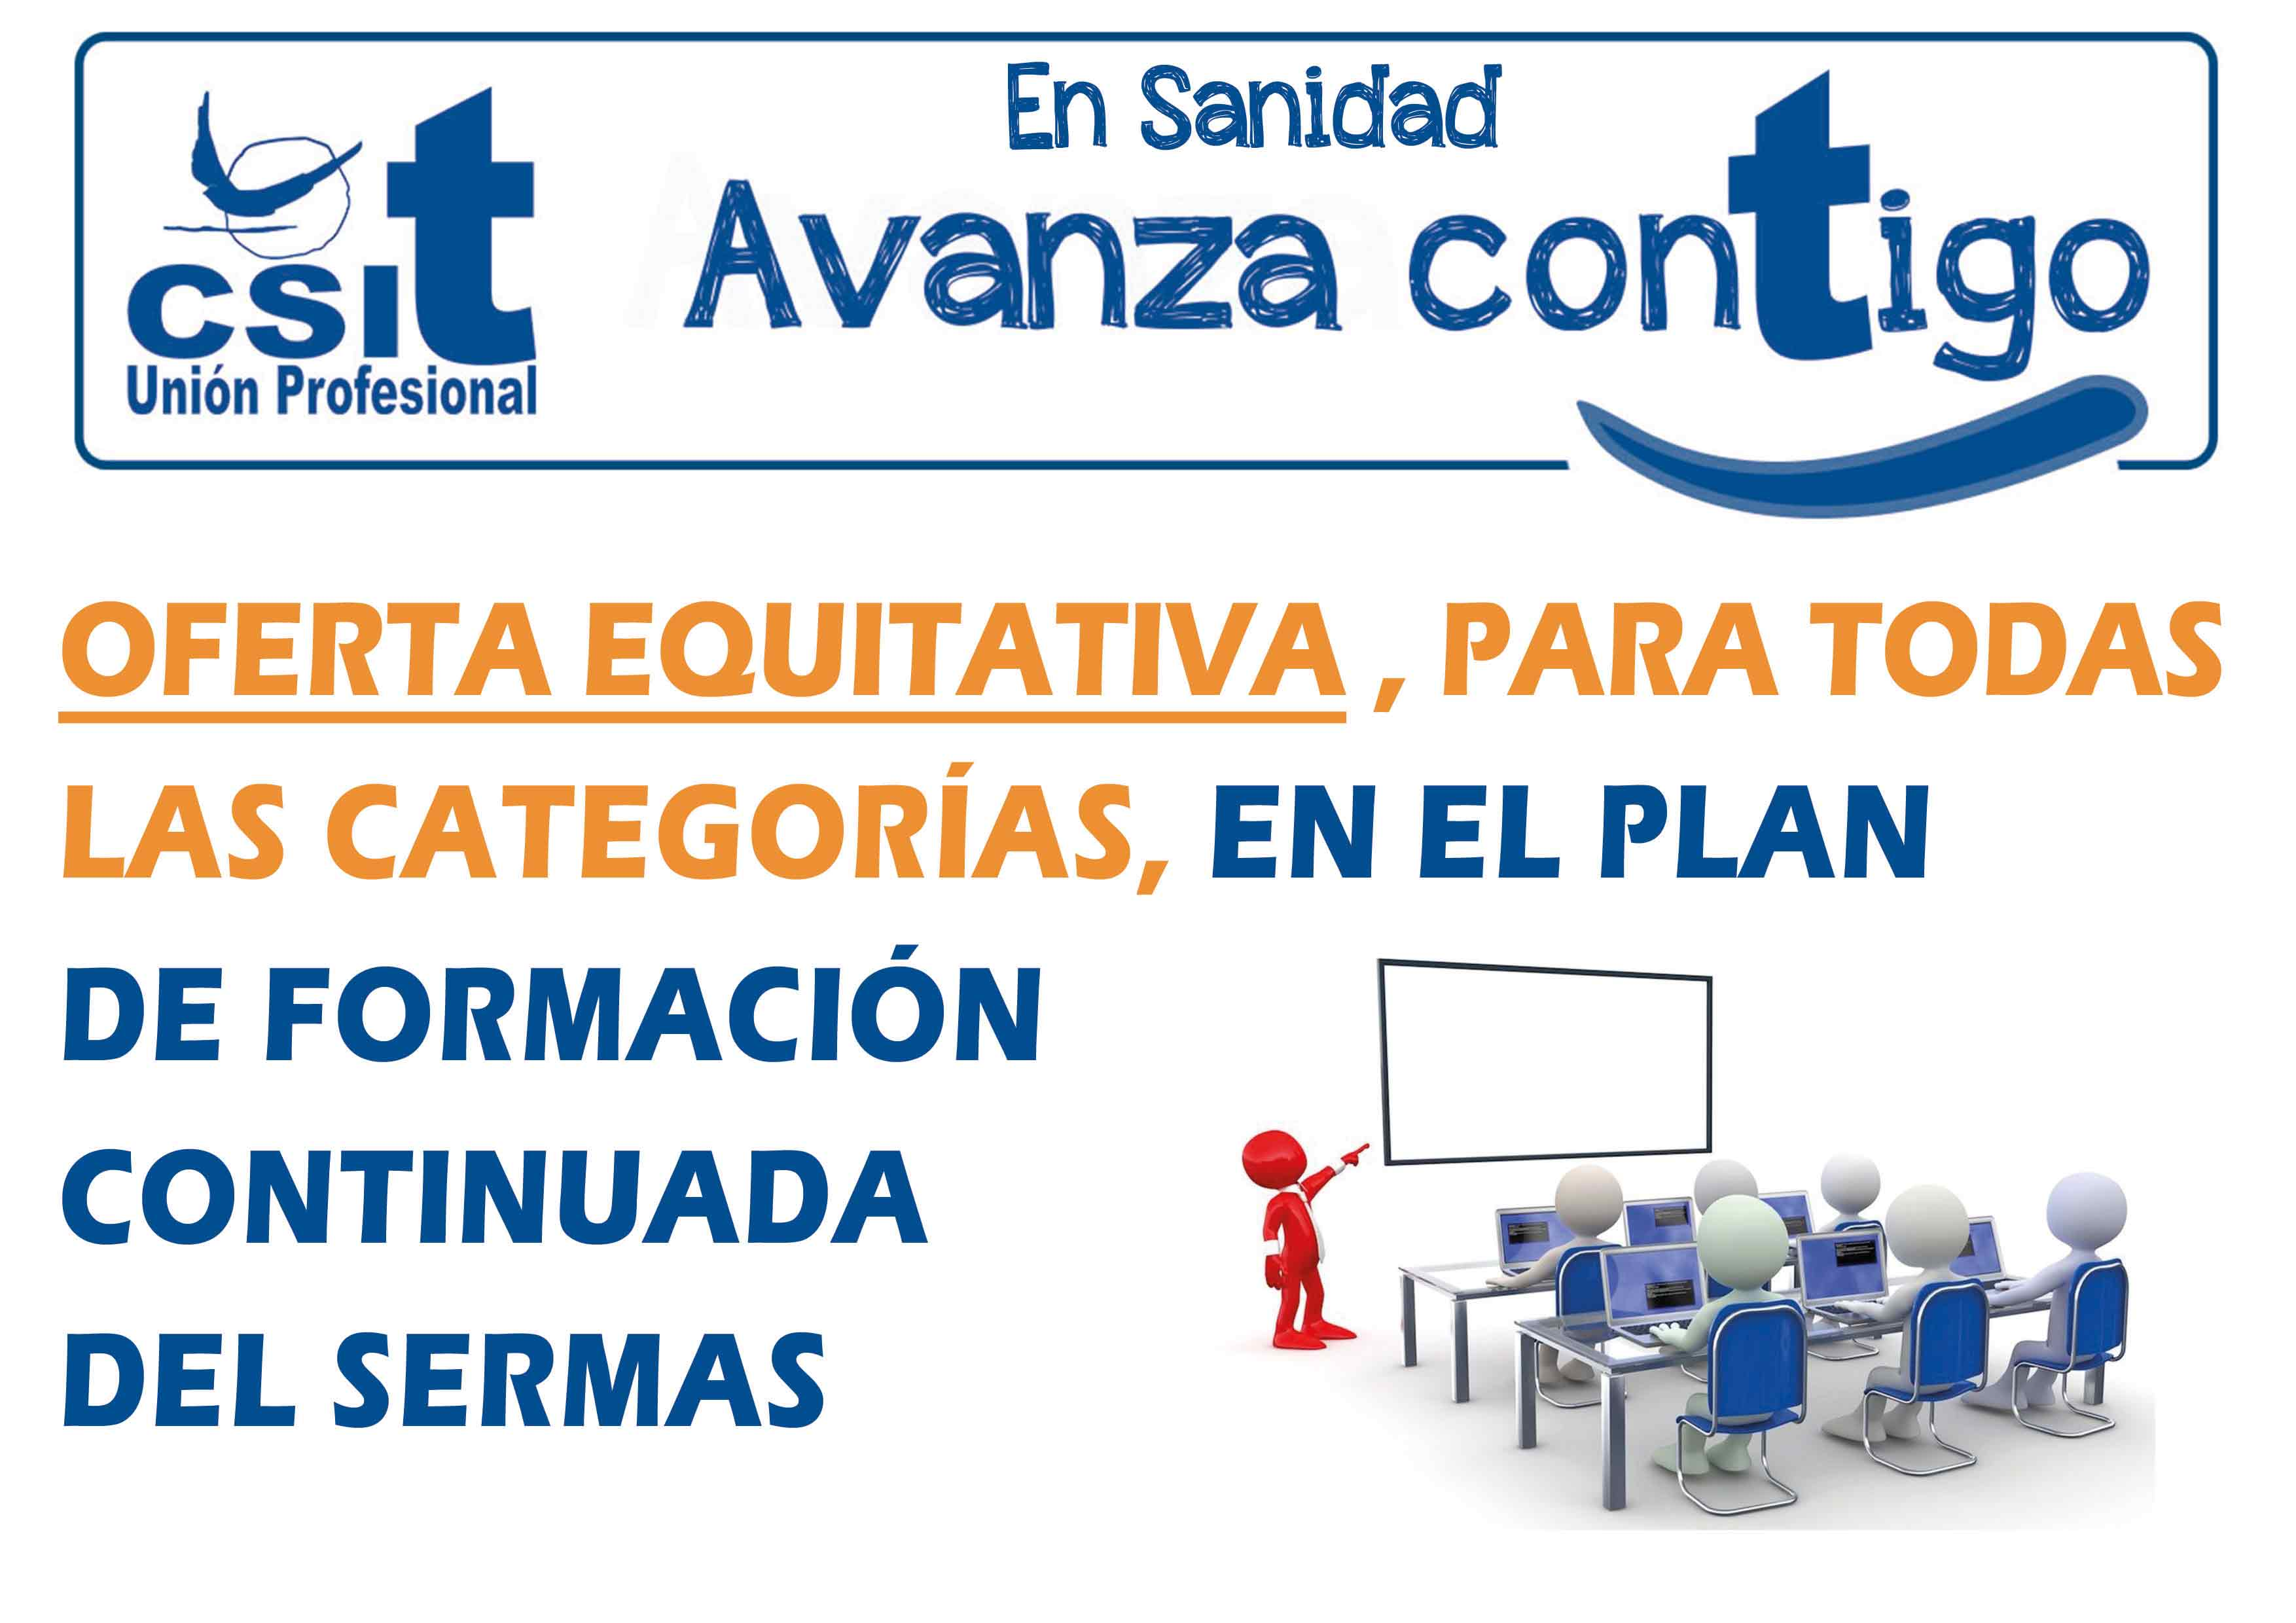 Oferta equitativa, para todas las categorías, en el Plan Formación Continuada del SERMAS